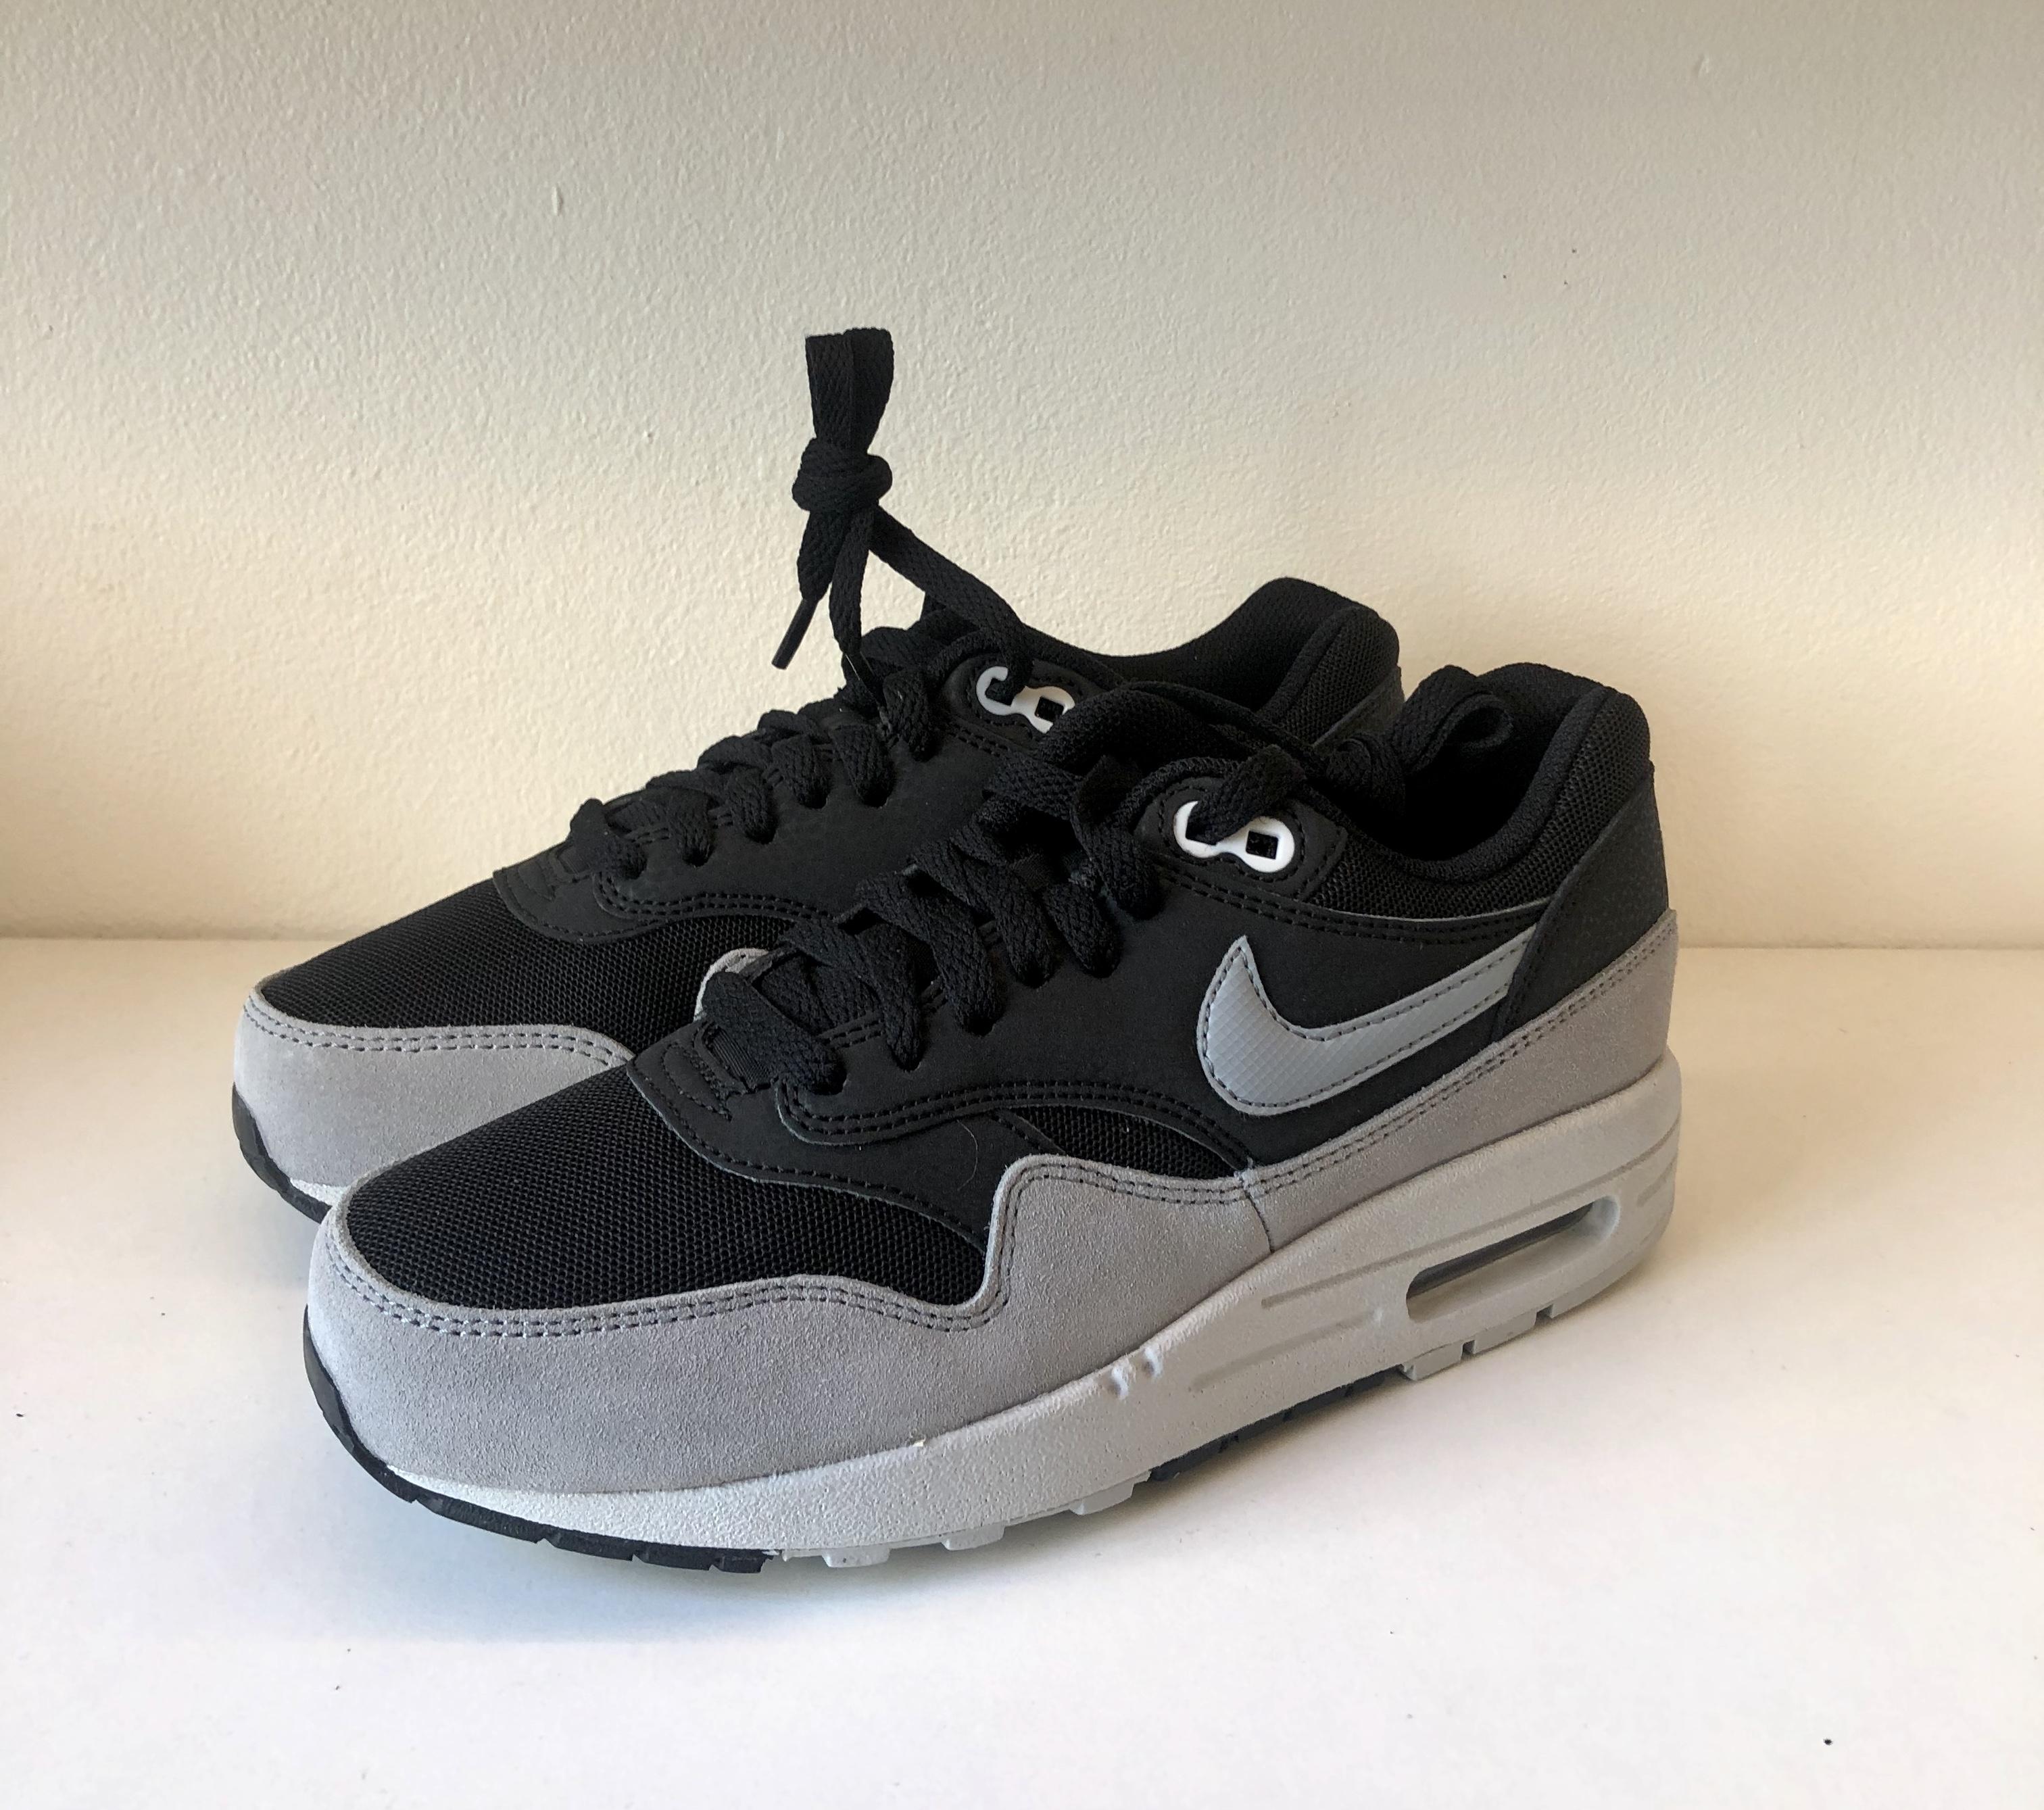 Nike Air Max 1 Essential Black Dove Grey-Pure Platinum